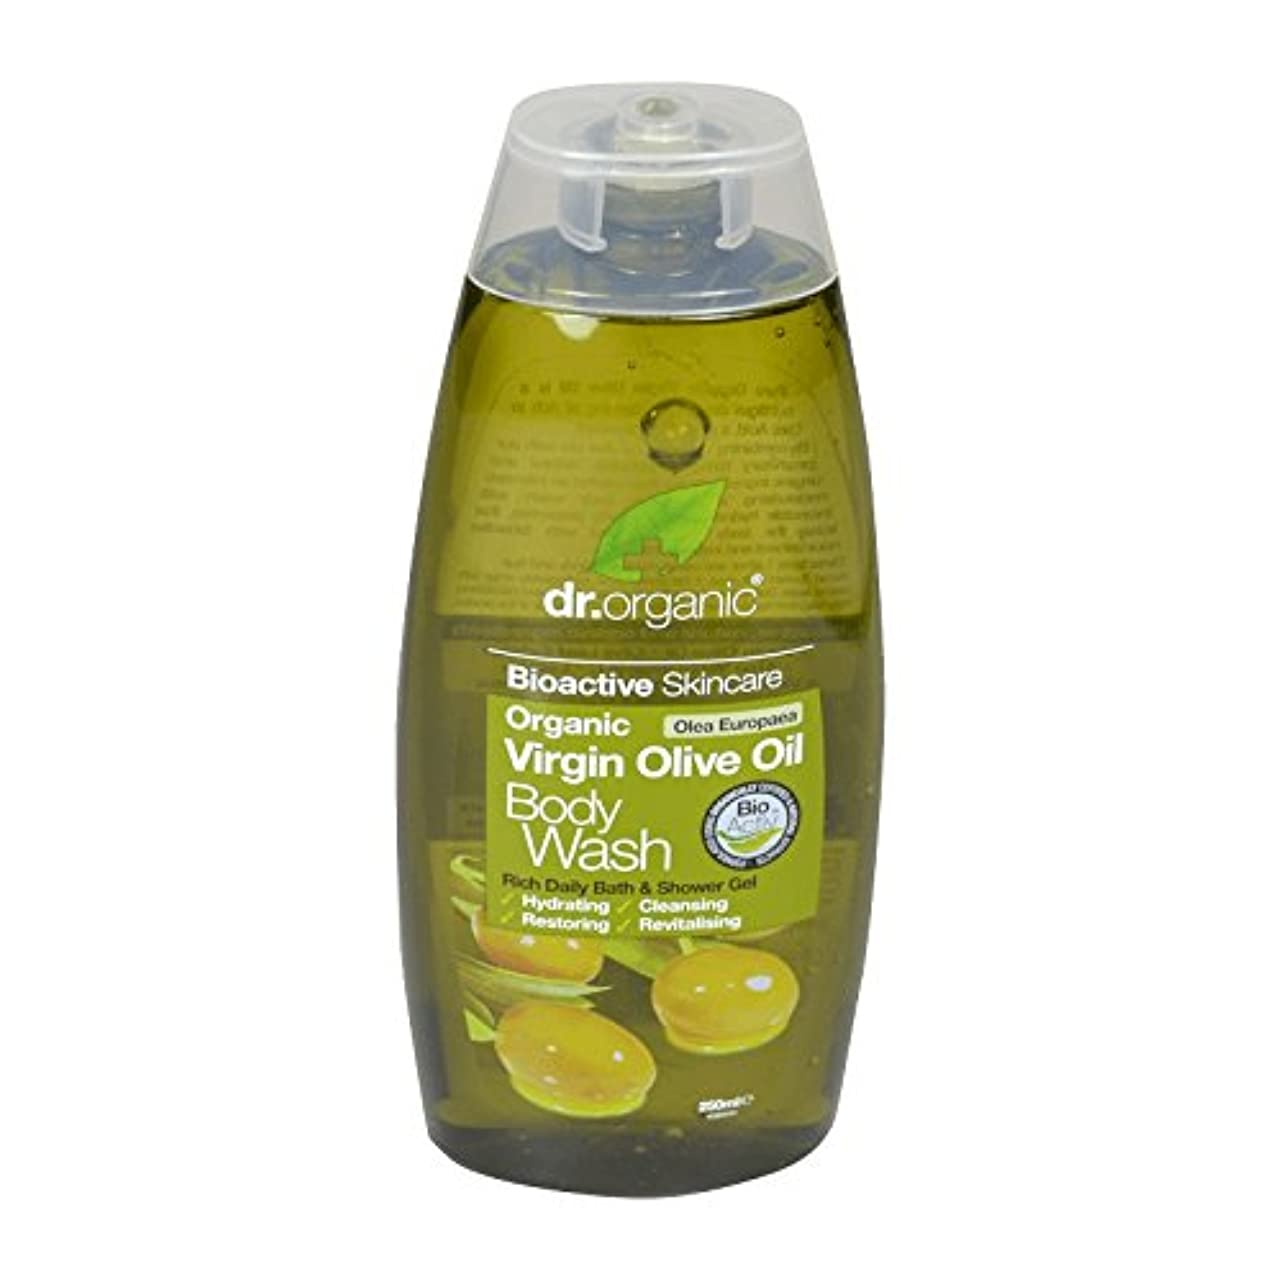 重なる取り囲む時期尚早Dr Organic Virgin Olive Oil Body Wash (Pack of 2) - Dr有機バージンオリーブオイルボディウォッシュ (x2) [並行輸入品]